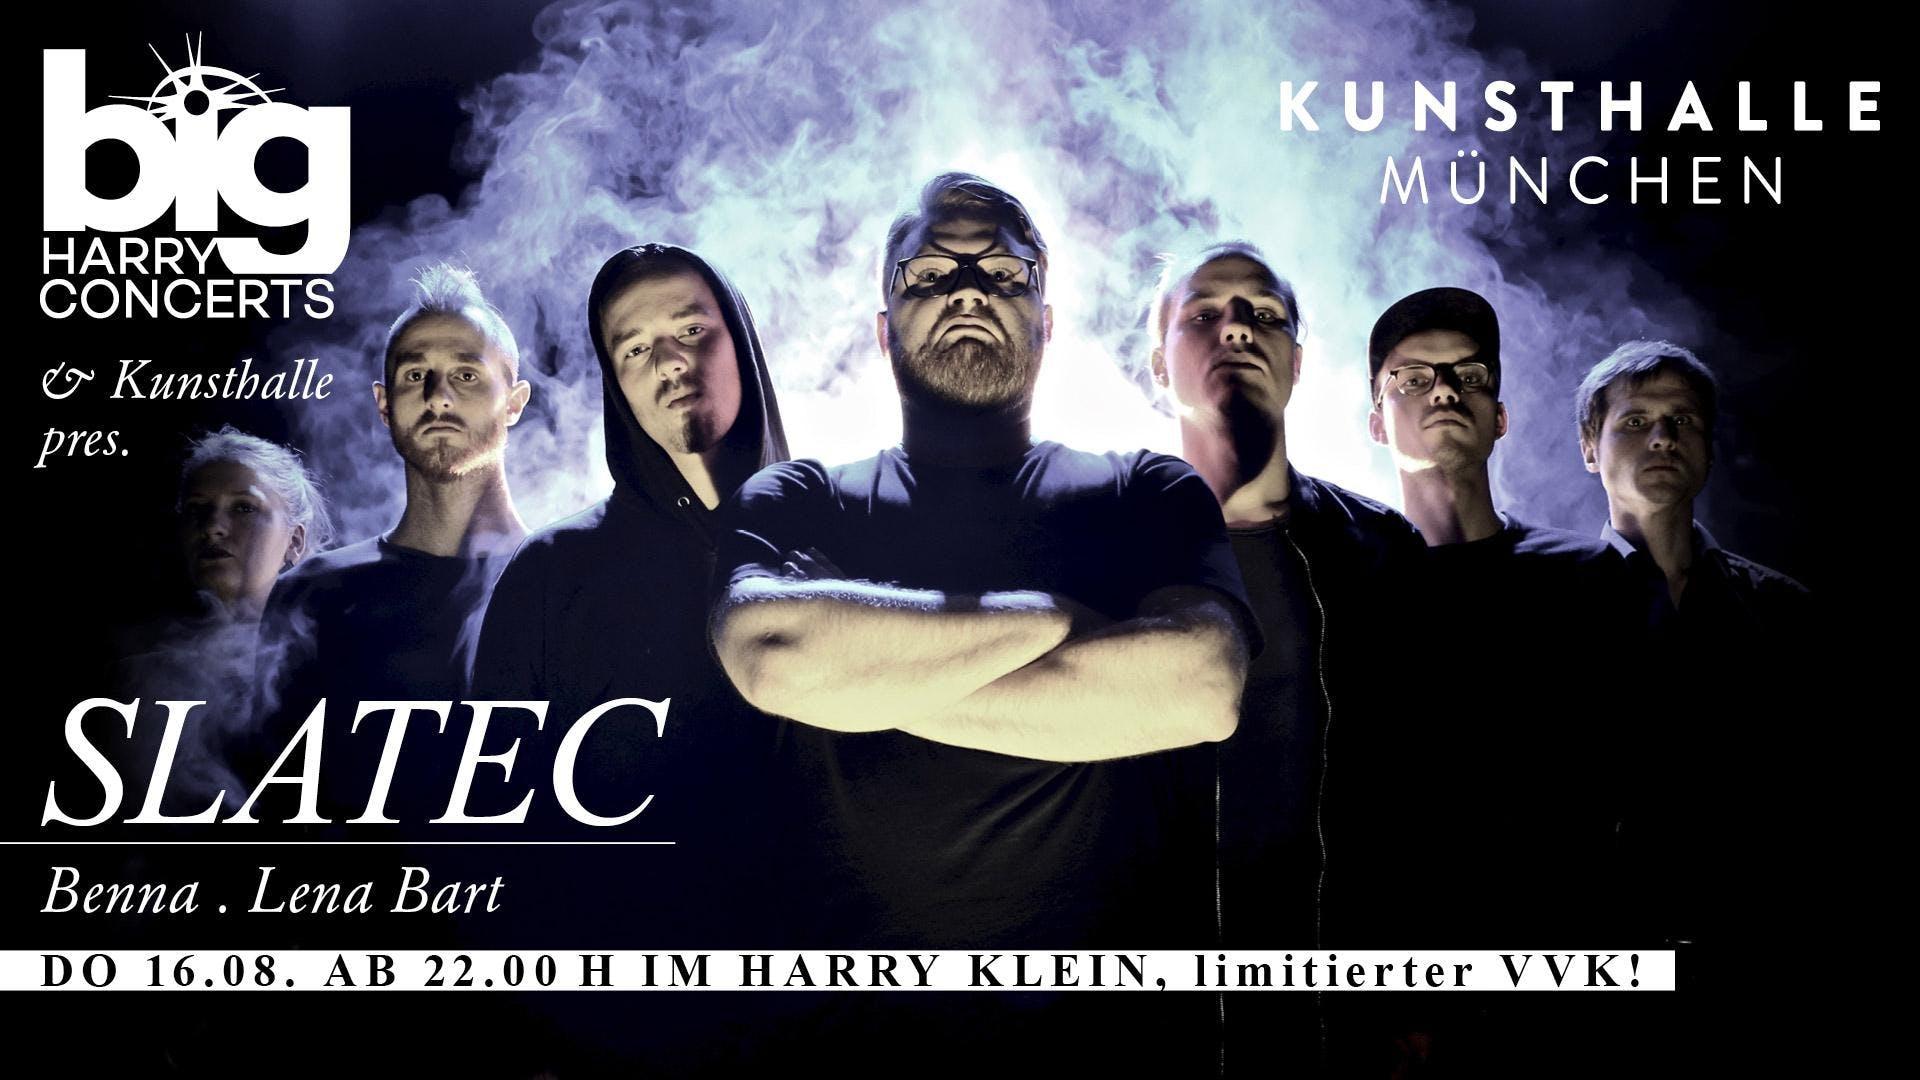 Big Harry Concerts & Kunsthalle pres. Slatec